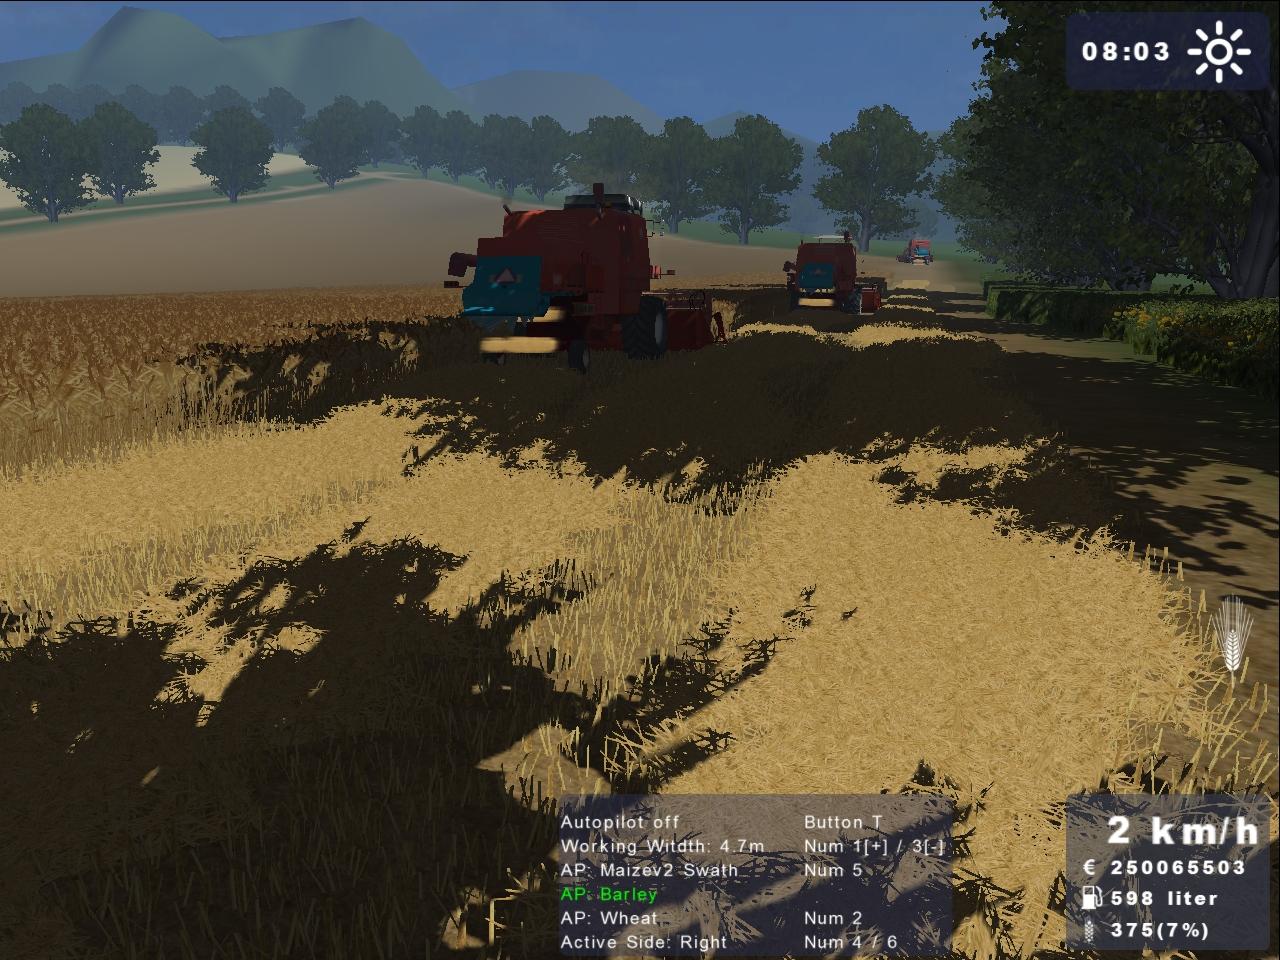 symulator farmy 2011 bez rejestracji